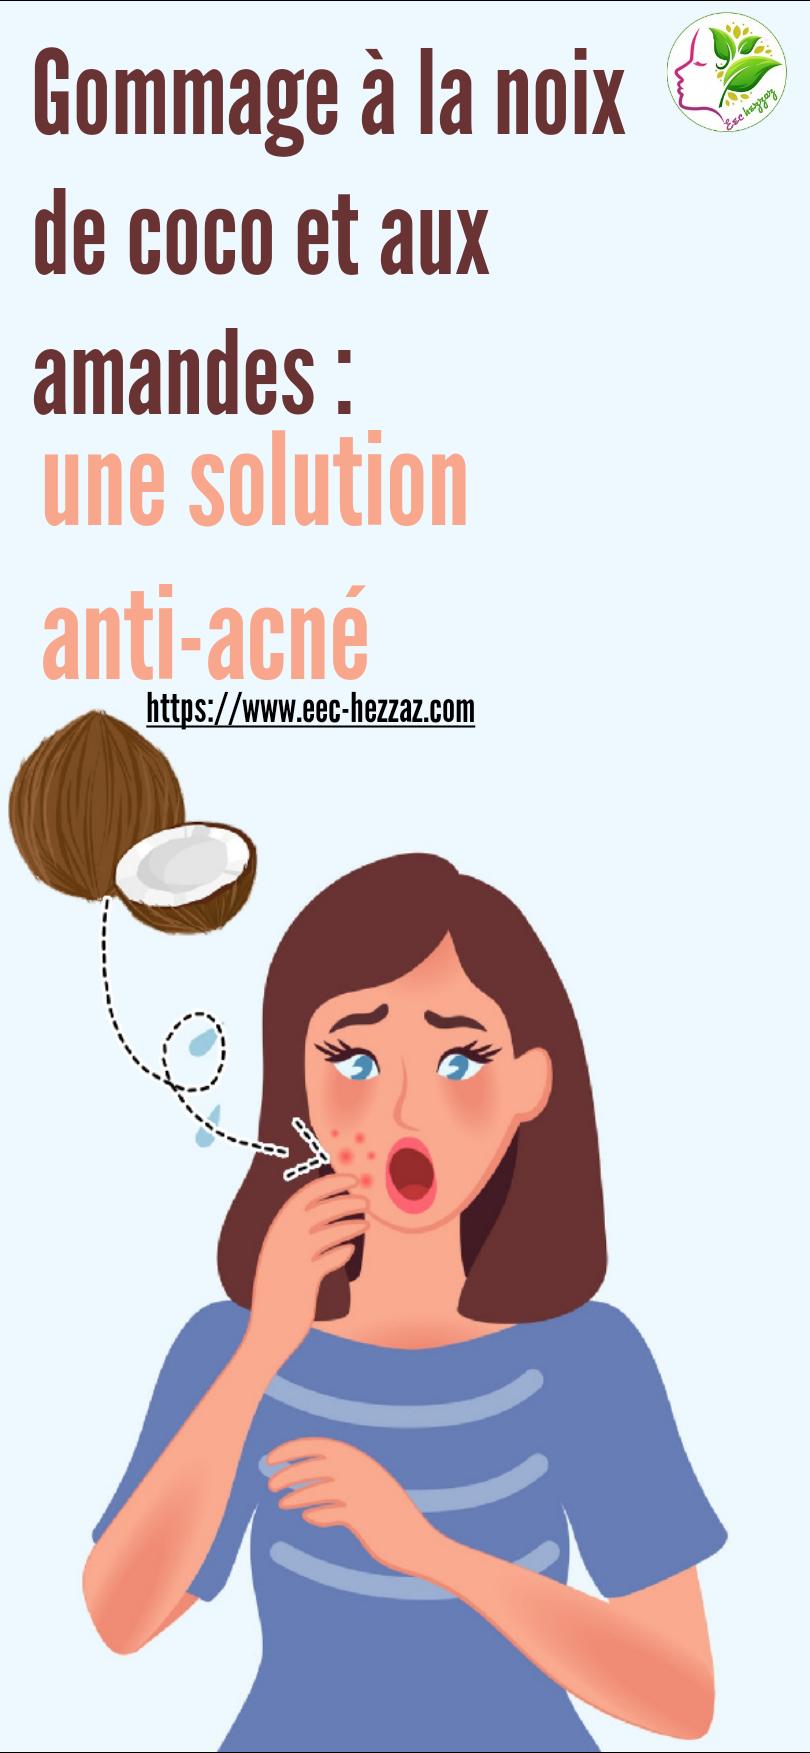 Gommage à la noix de coco et aux amandes : une solution anti-acné